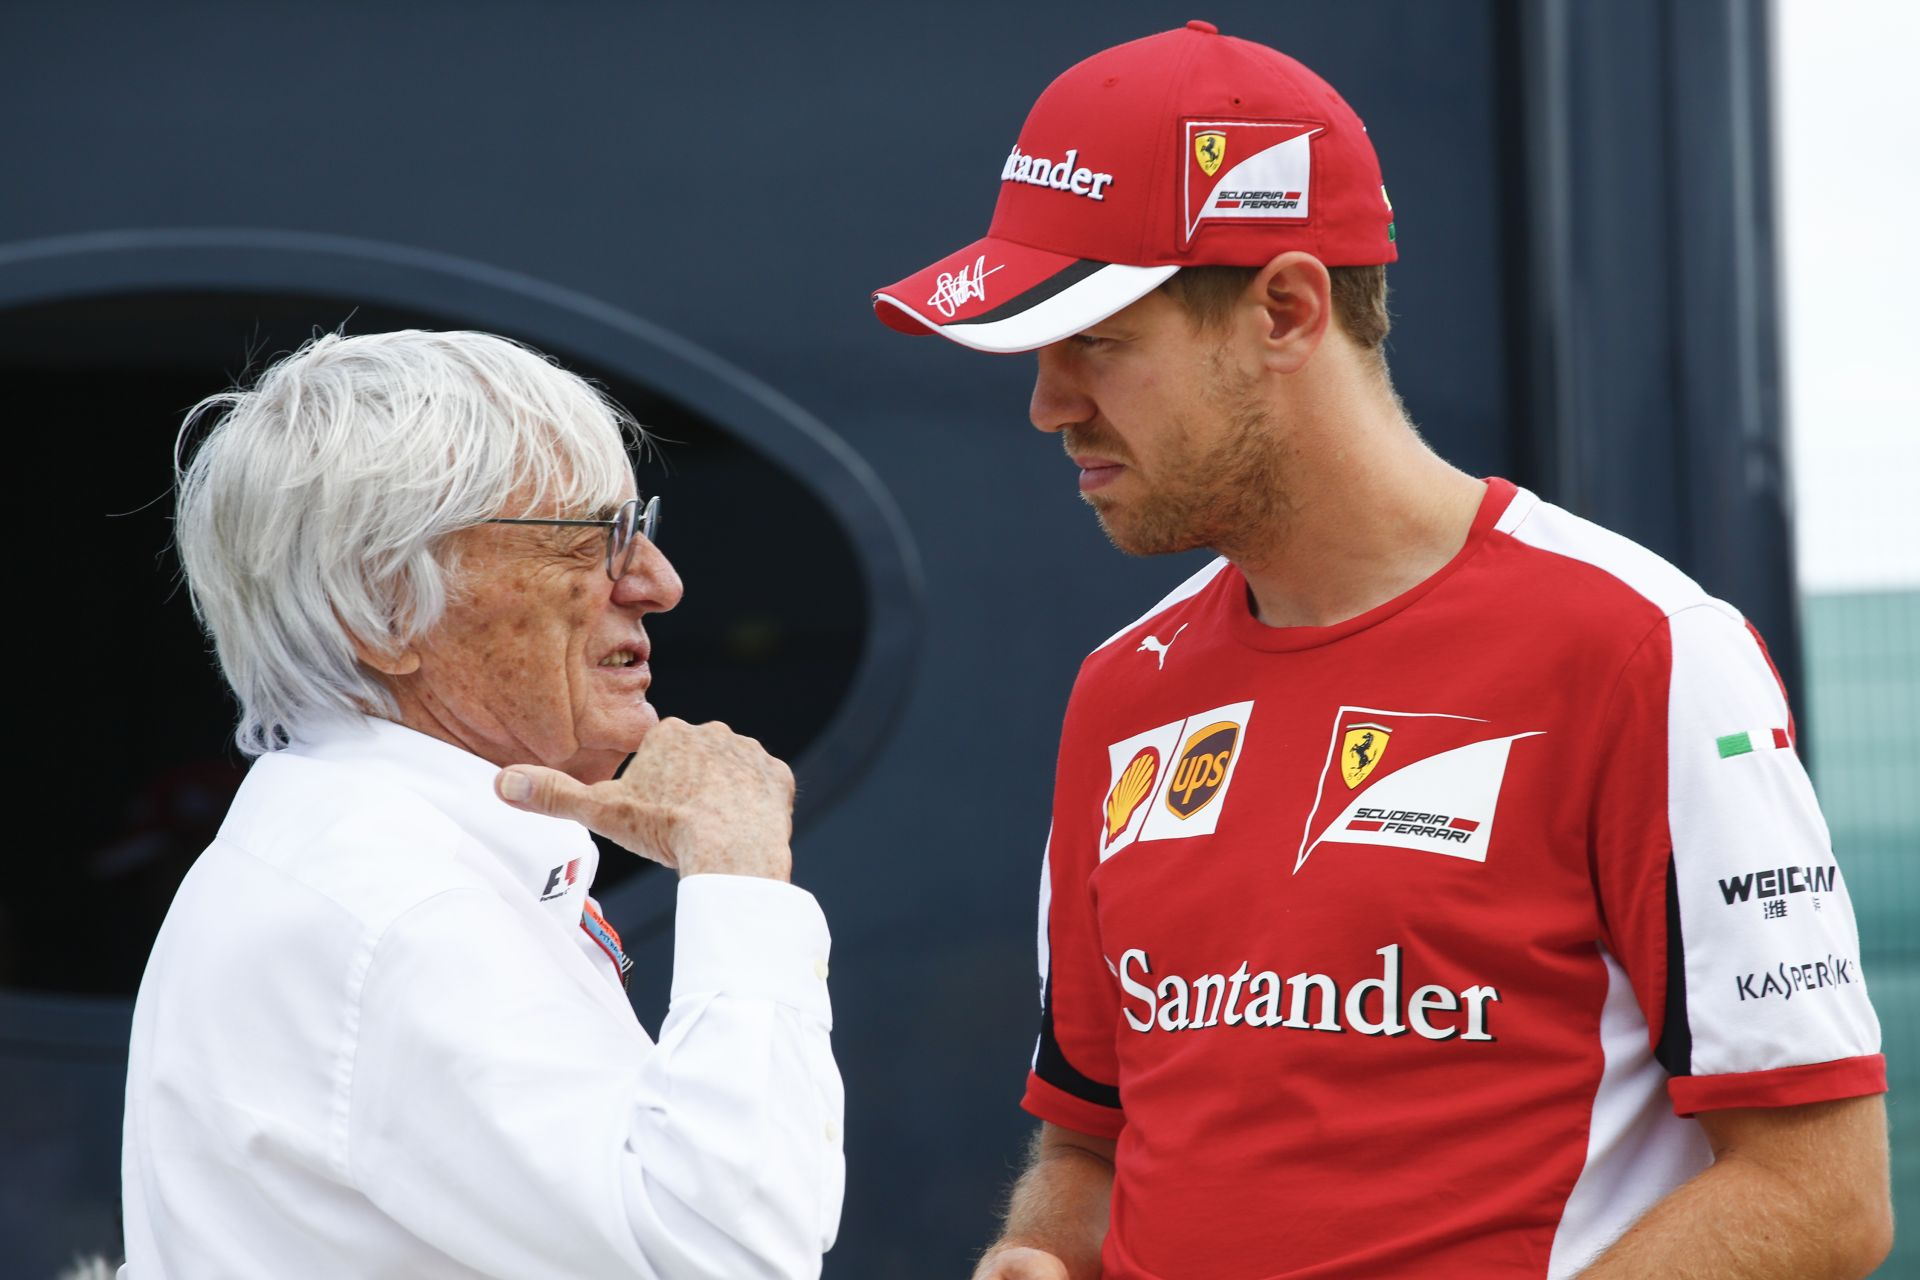 Mr. E magyarázkodik - Vettel szerint pedig nem kellett volna aggasztó kijelentéseket tenni